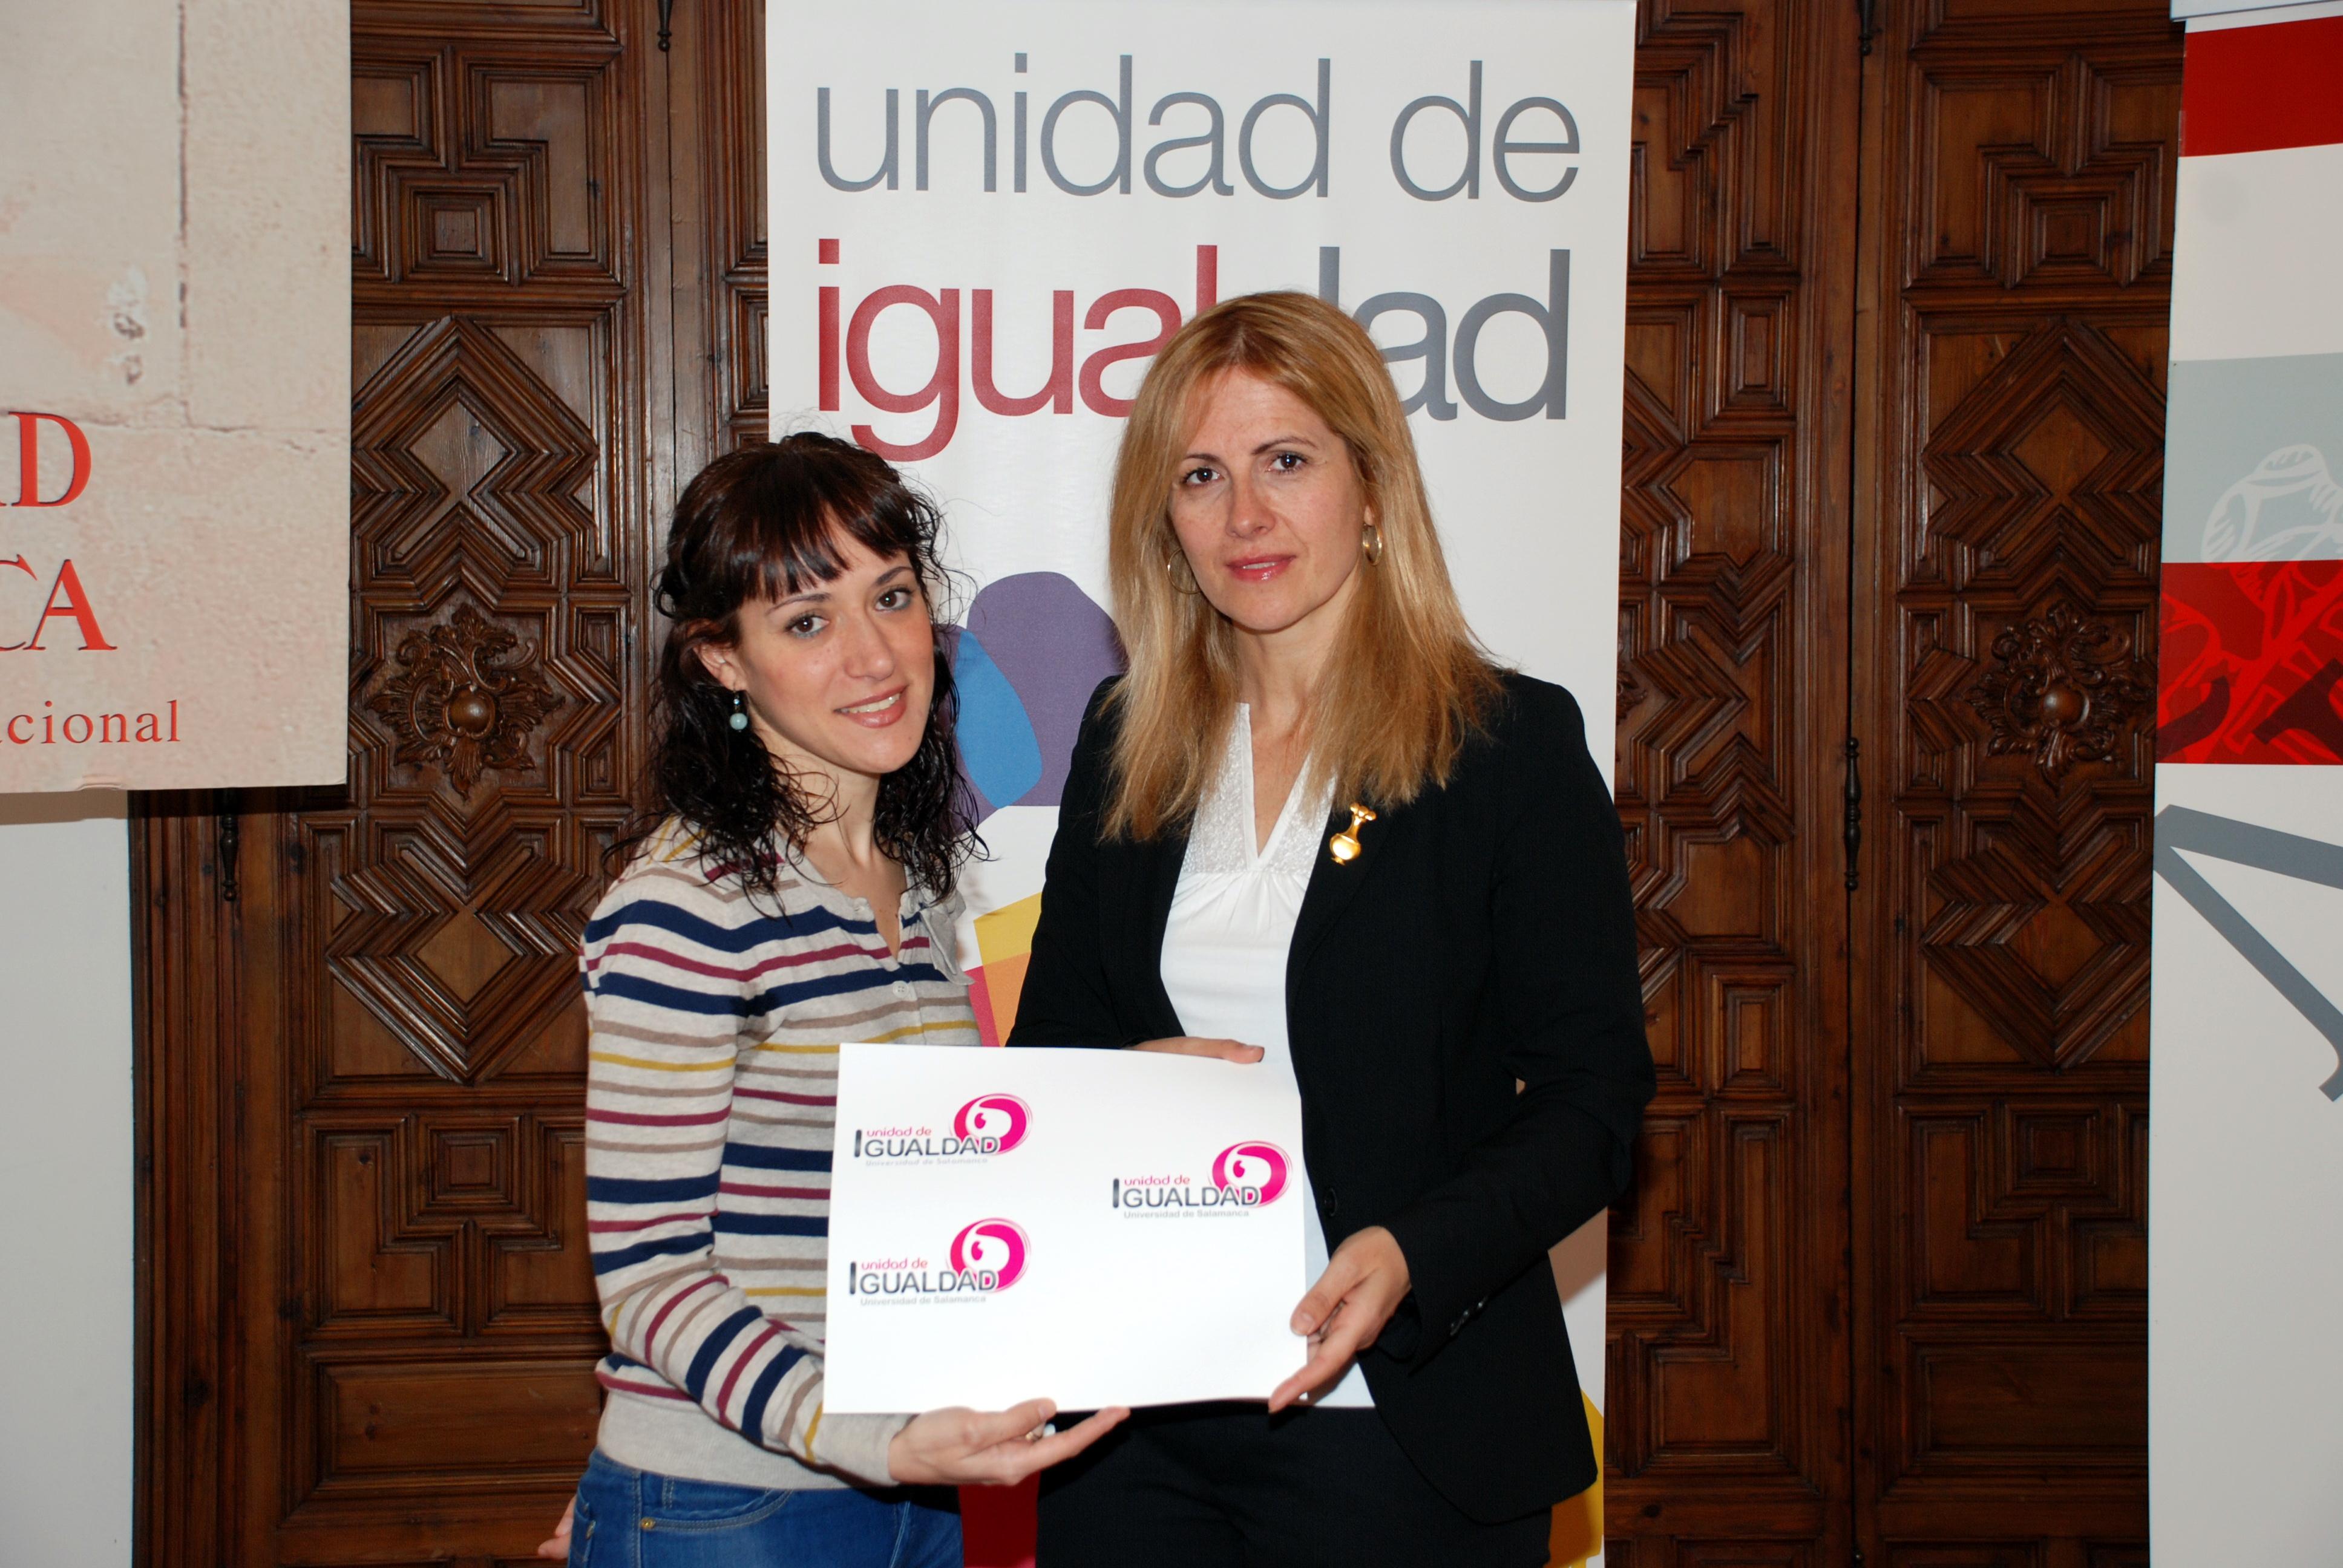 La Unidad de Igualdad entrega el premio de su concurso de imagen pública